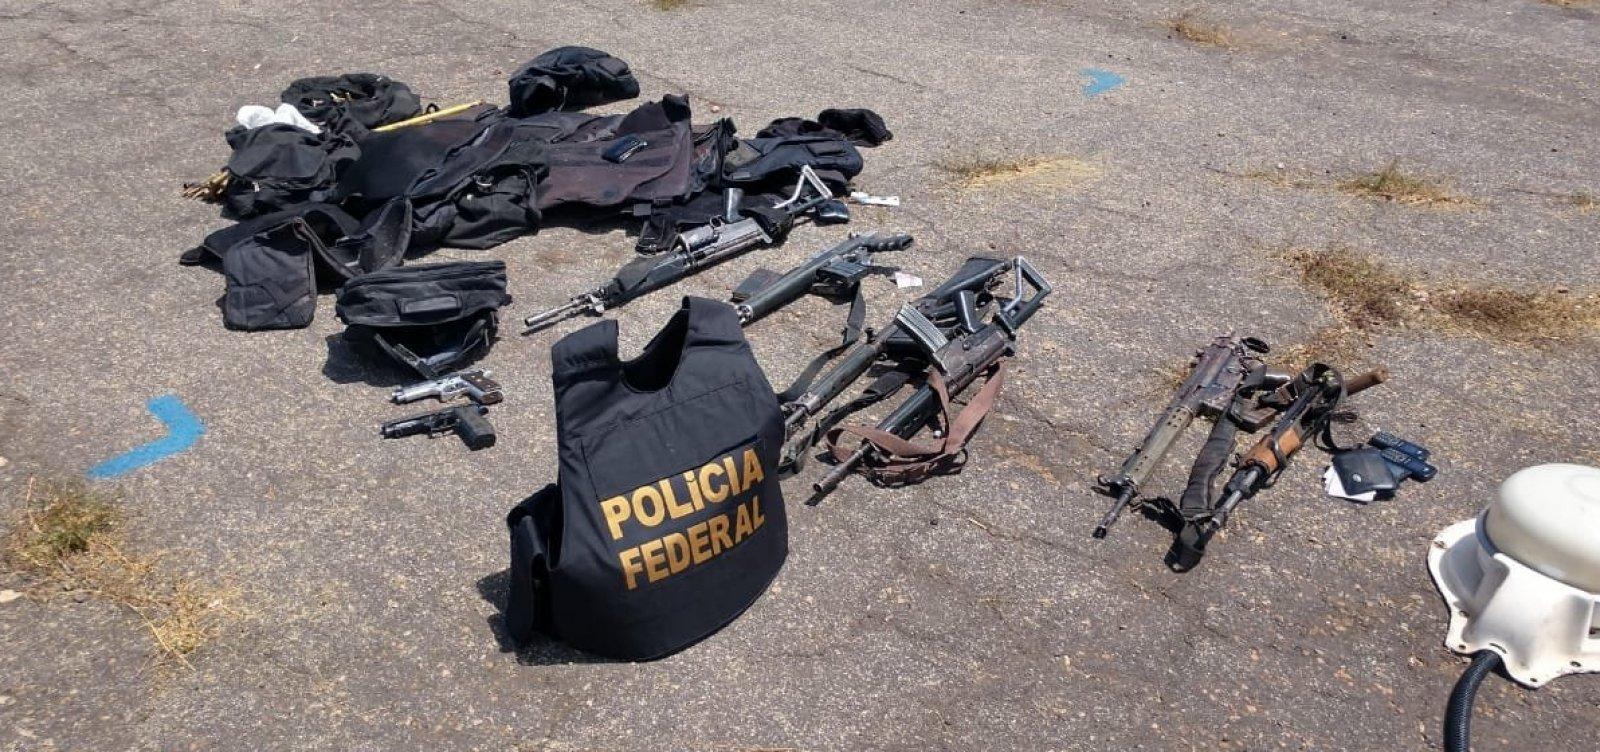 Seis suspeitos são mortos em tentativa de roubo a avião que transportava dinheiro